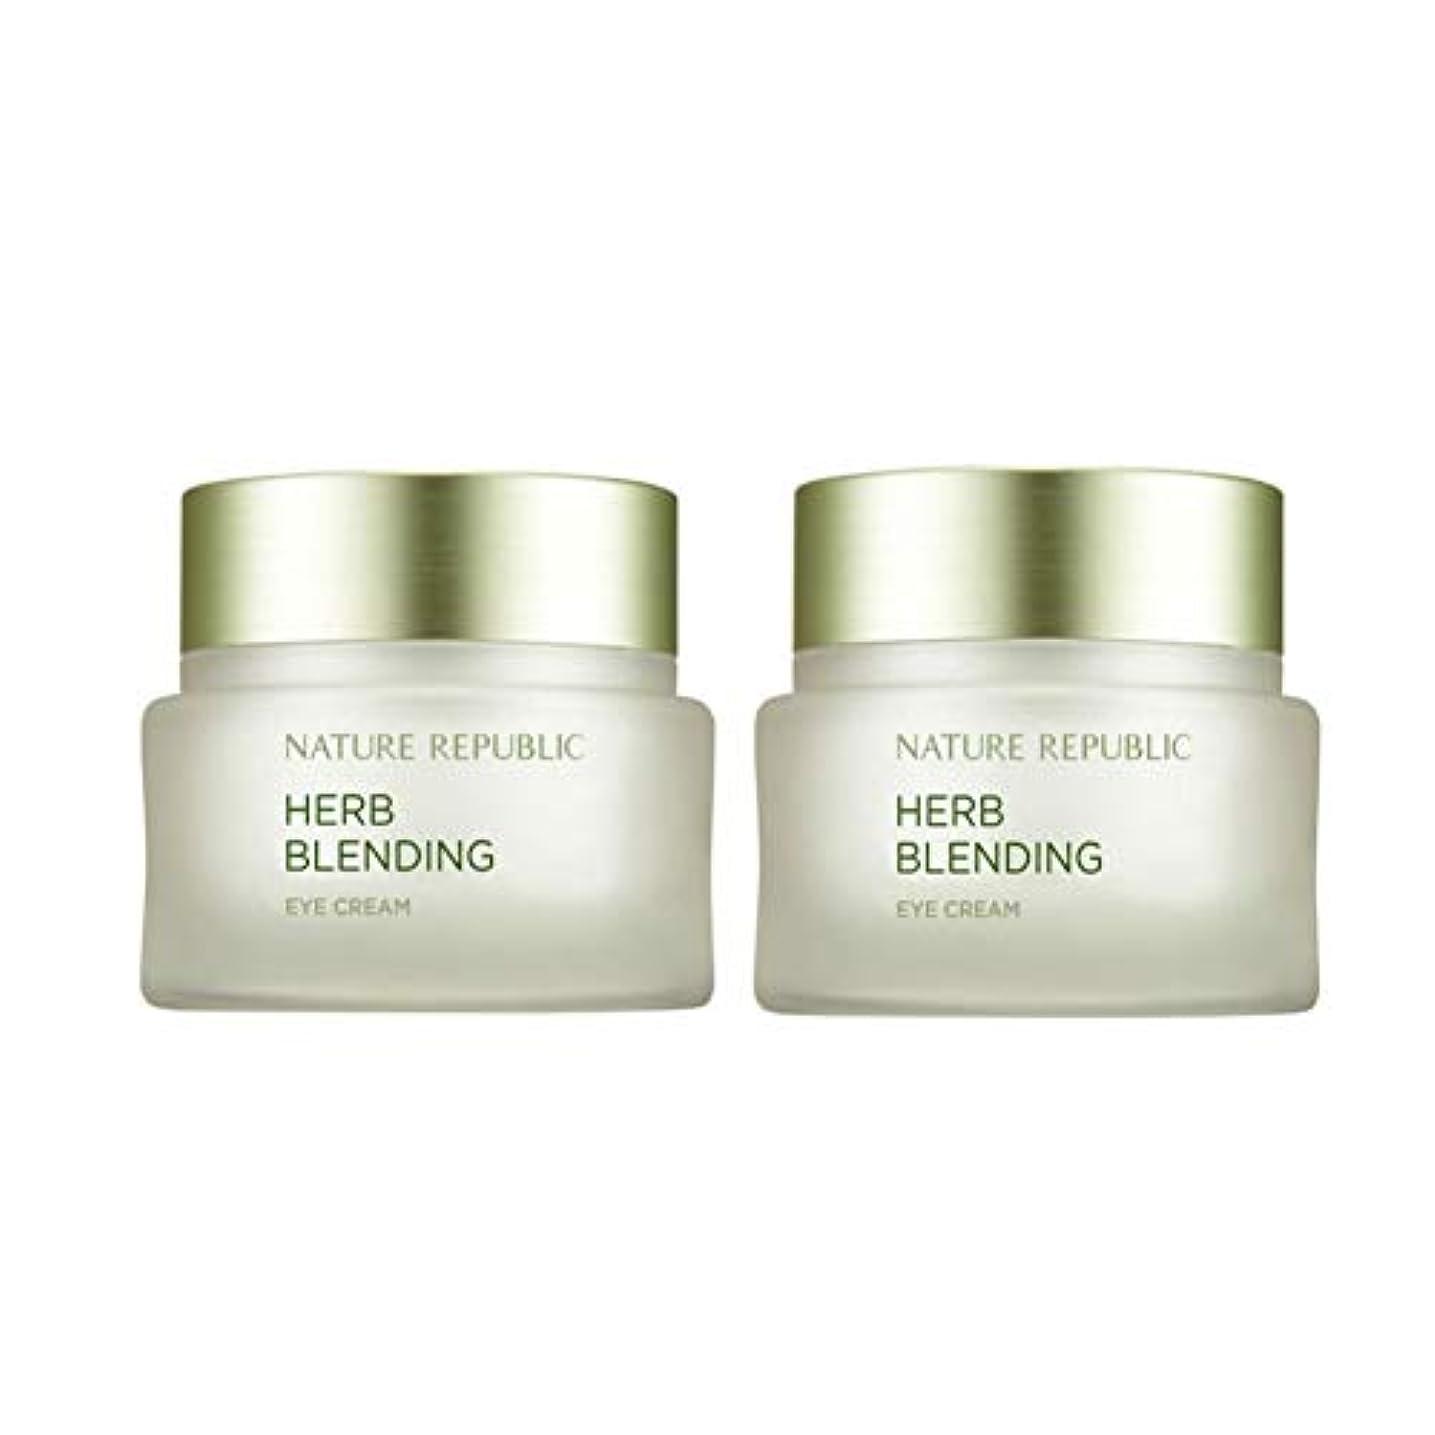 擬人文化ラジカルネイチャーリパブリックハーブ?ブレンディングクリーム50mlx 2本セット韓国コスメ、Nature Republic Herb Blending Cream 50ml x 2ea Set Korean Cosmetics...